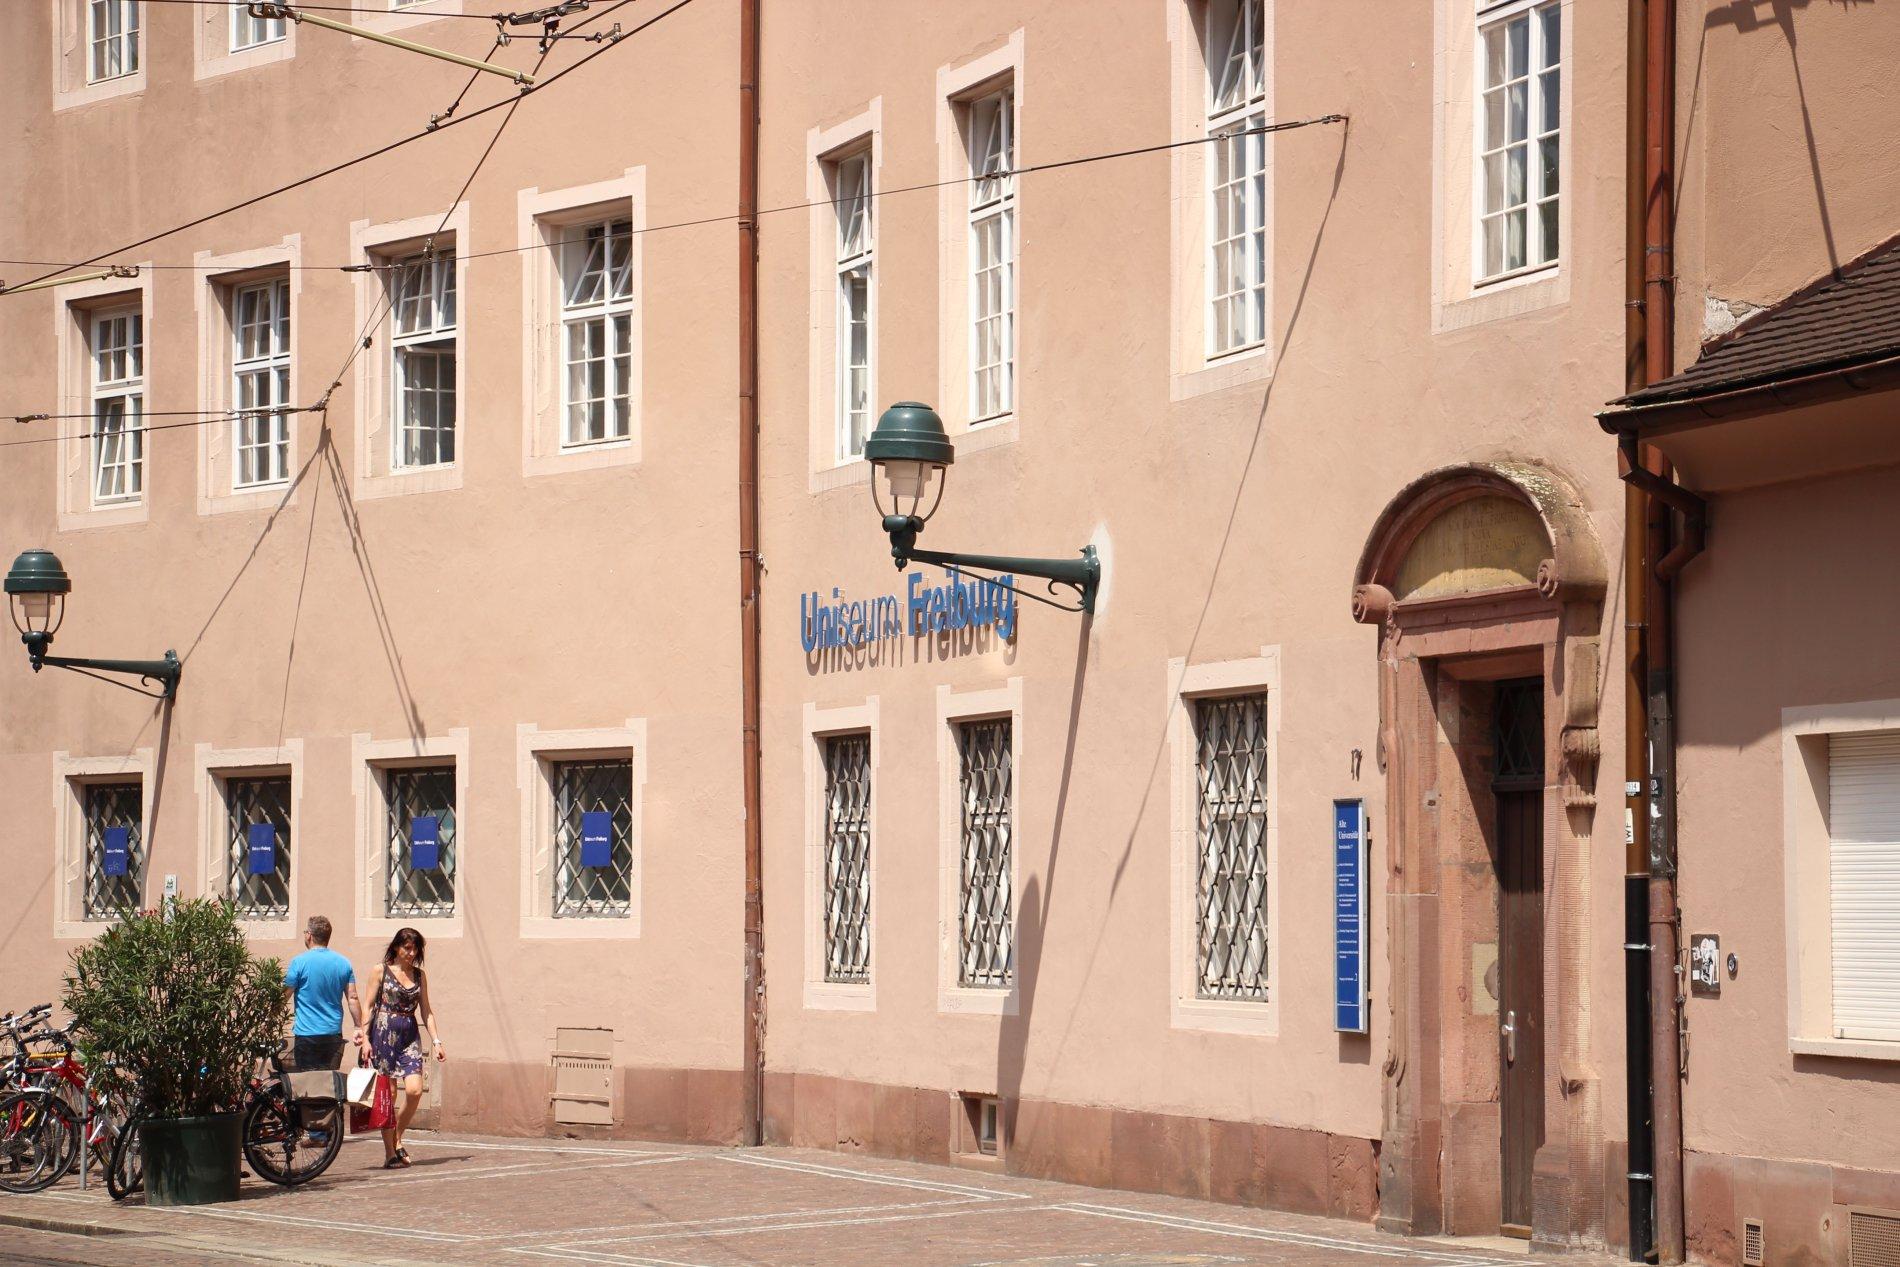 Alte Universität mit Uniseum Freiburg